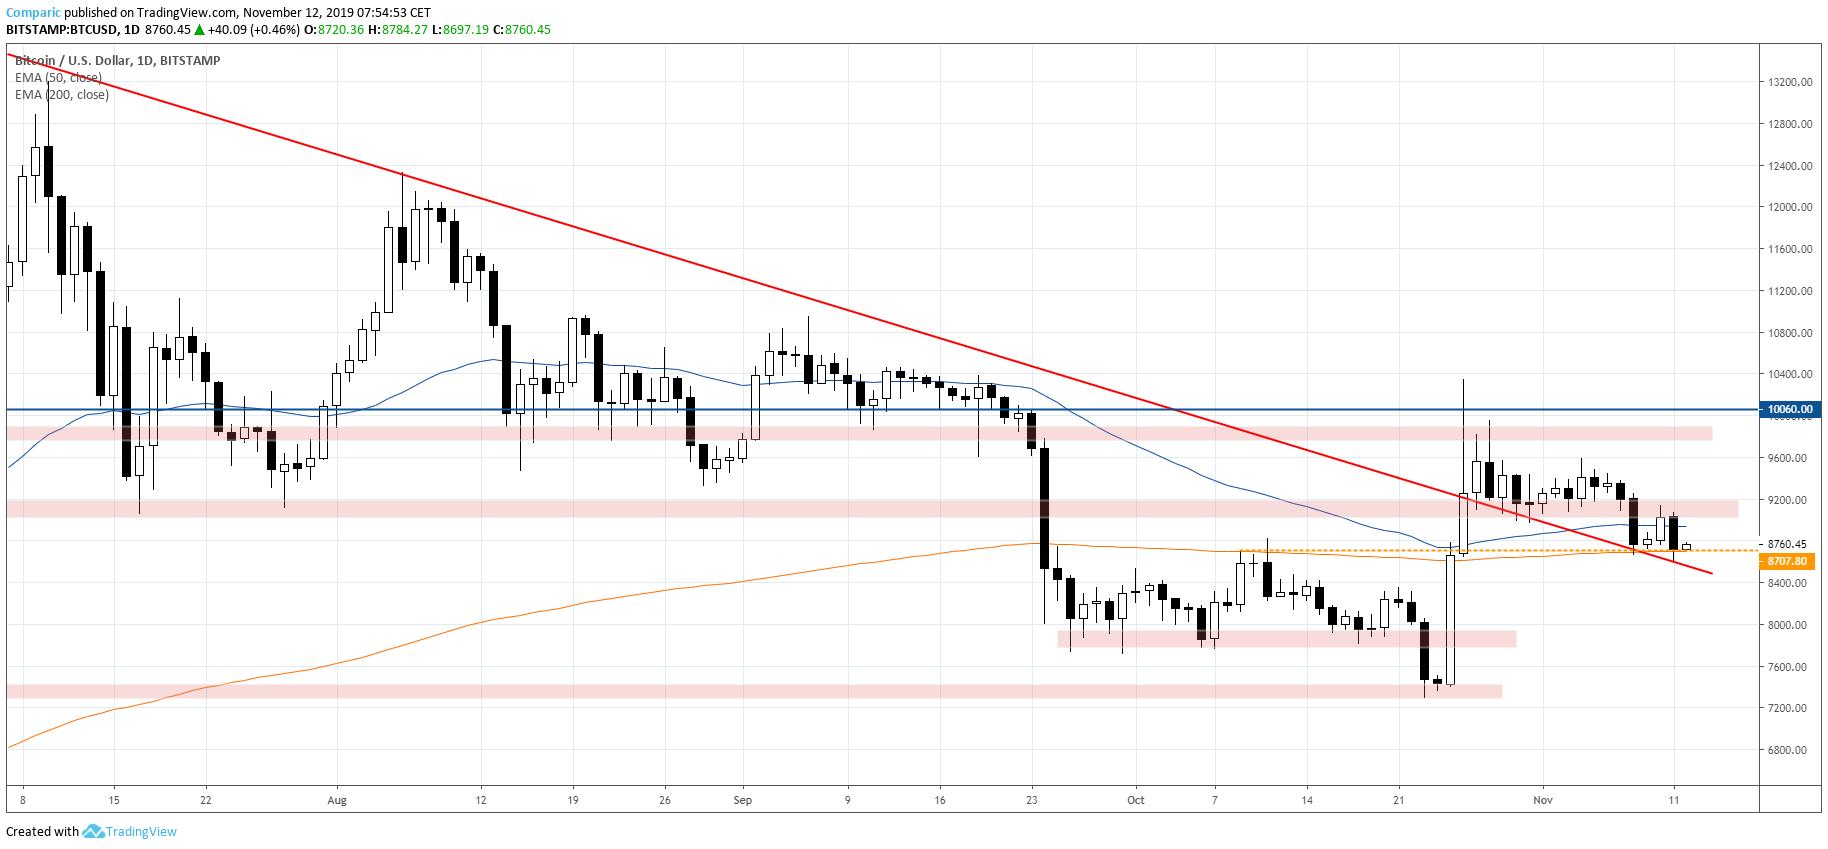 Bitcoin tracił w poniedziałek, we wtorek stara się jednak odbijać. Źródło: Tradingview.com